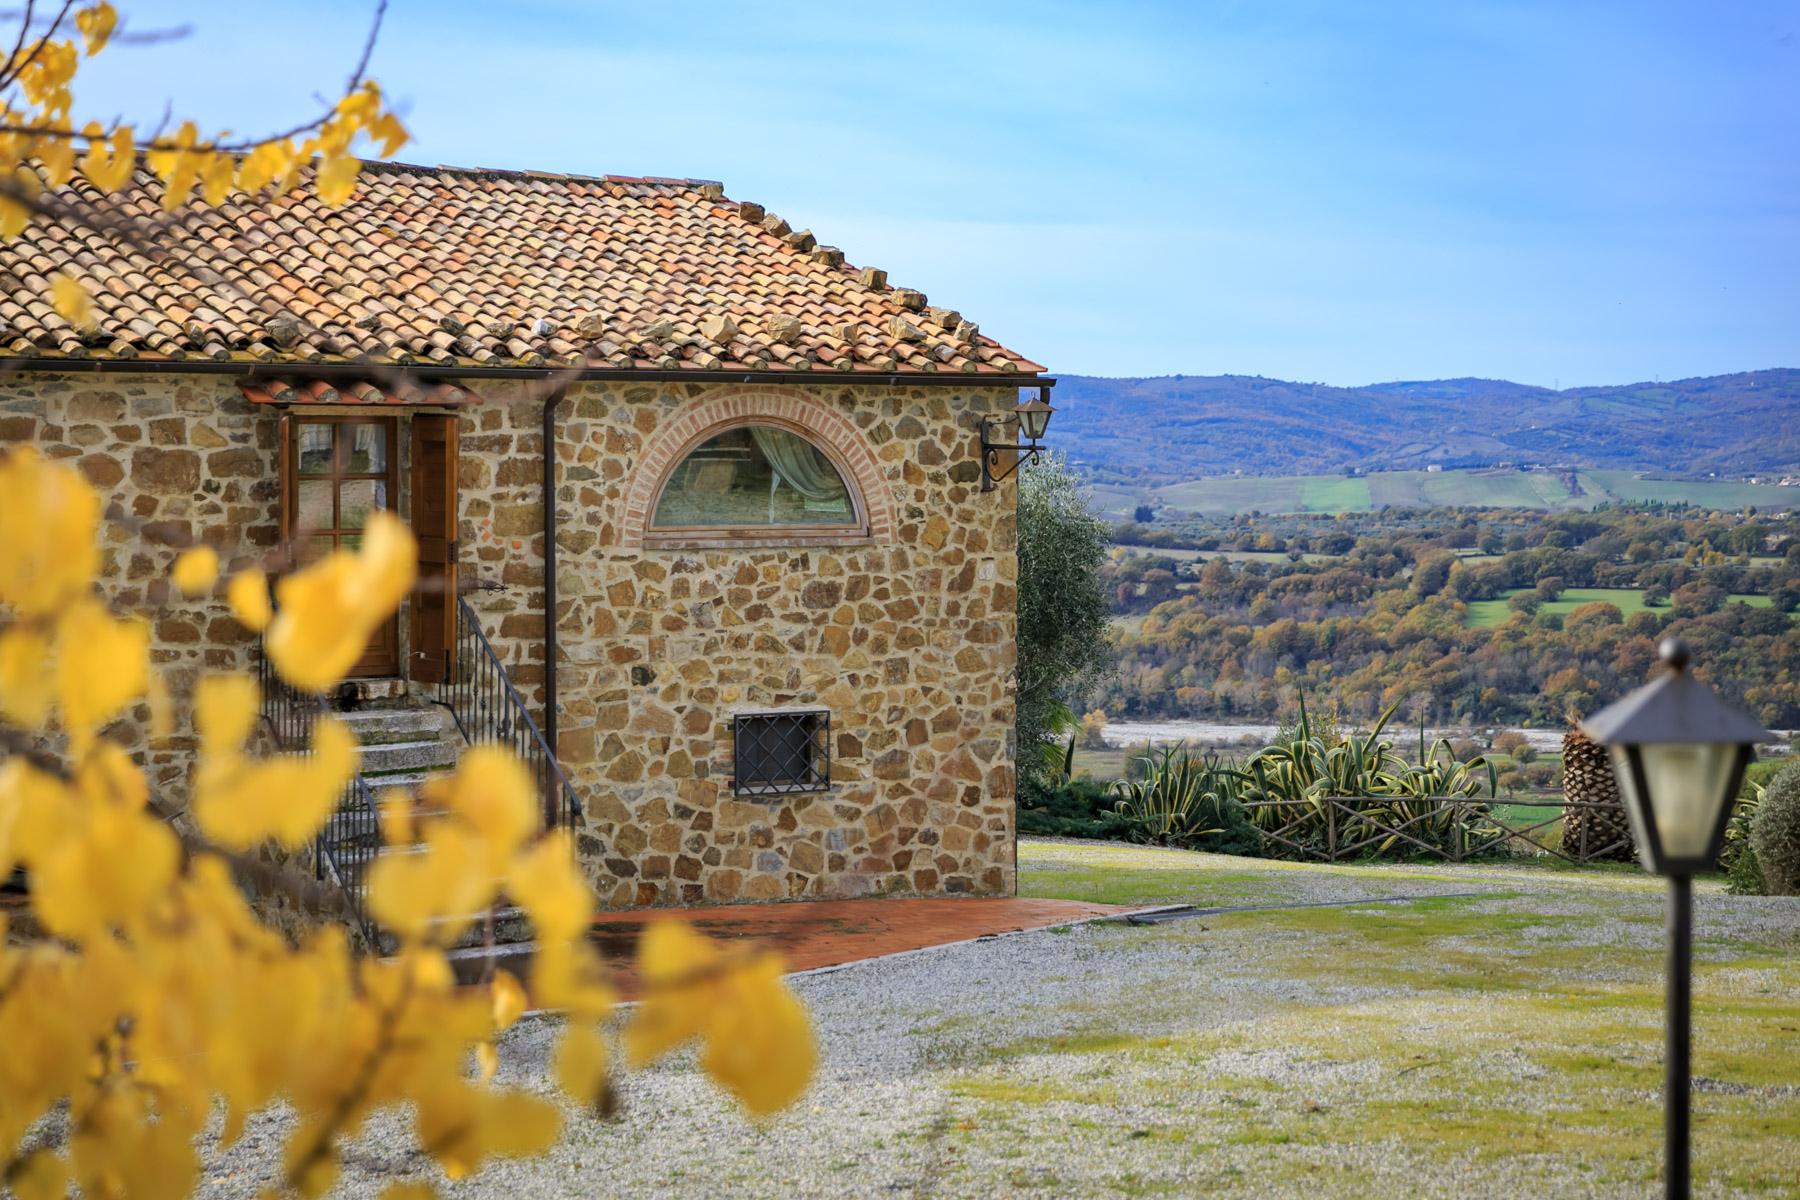 Rustico in Vendita a Manciano: 5 locali, 500 mq - Foto 9